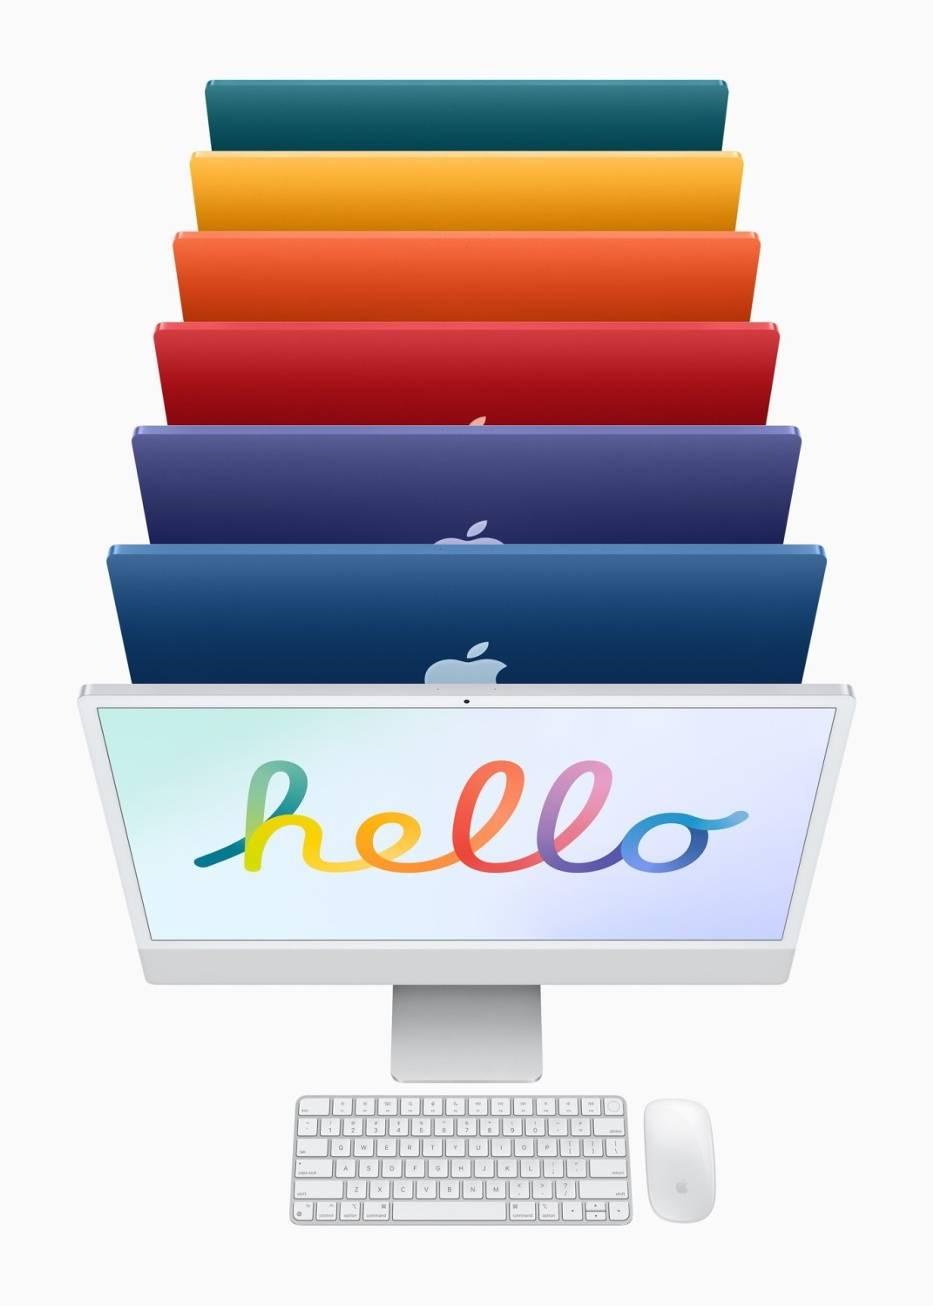 iMac - siedem kolorów